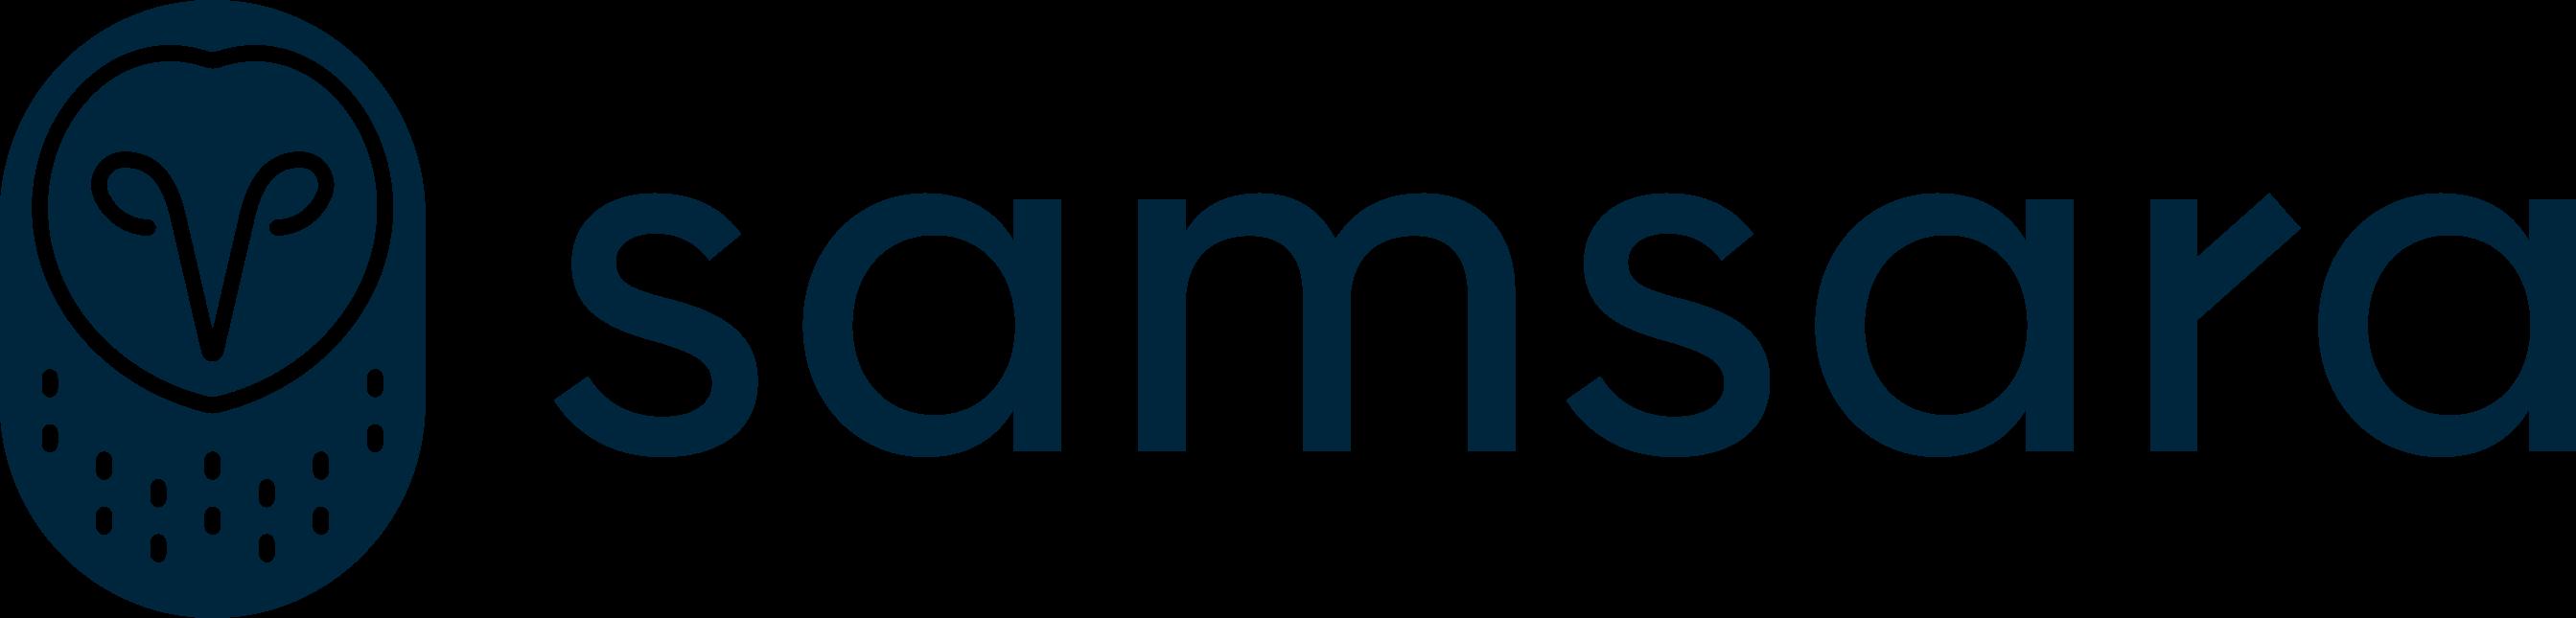 Samsara Logo png